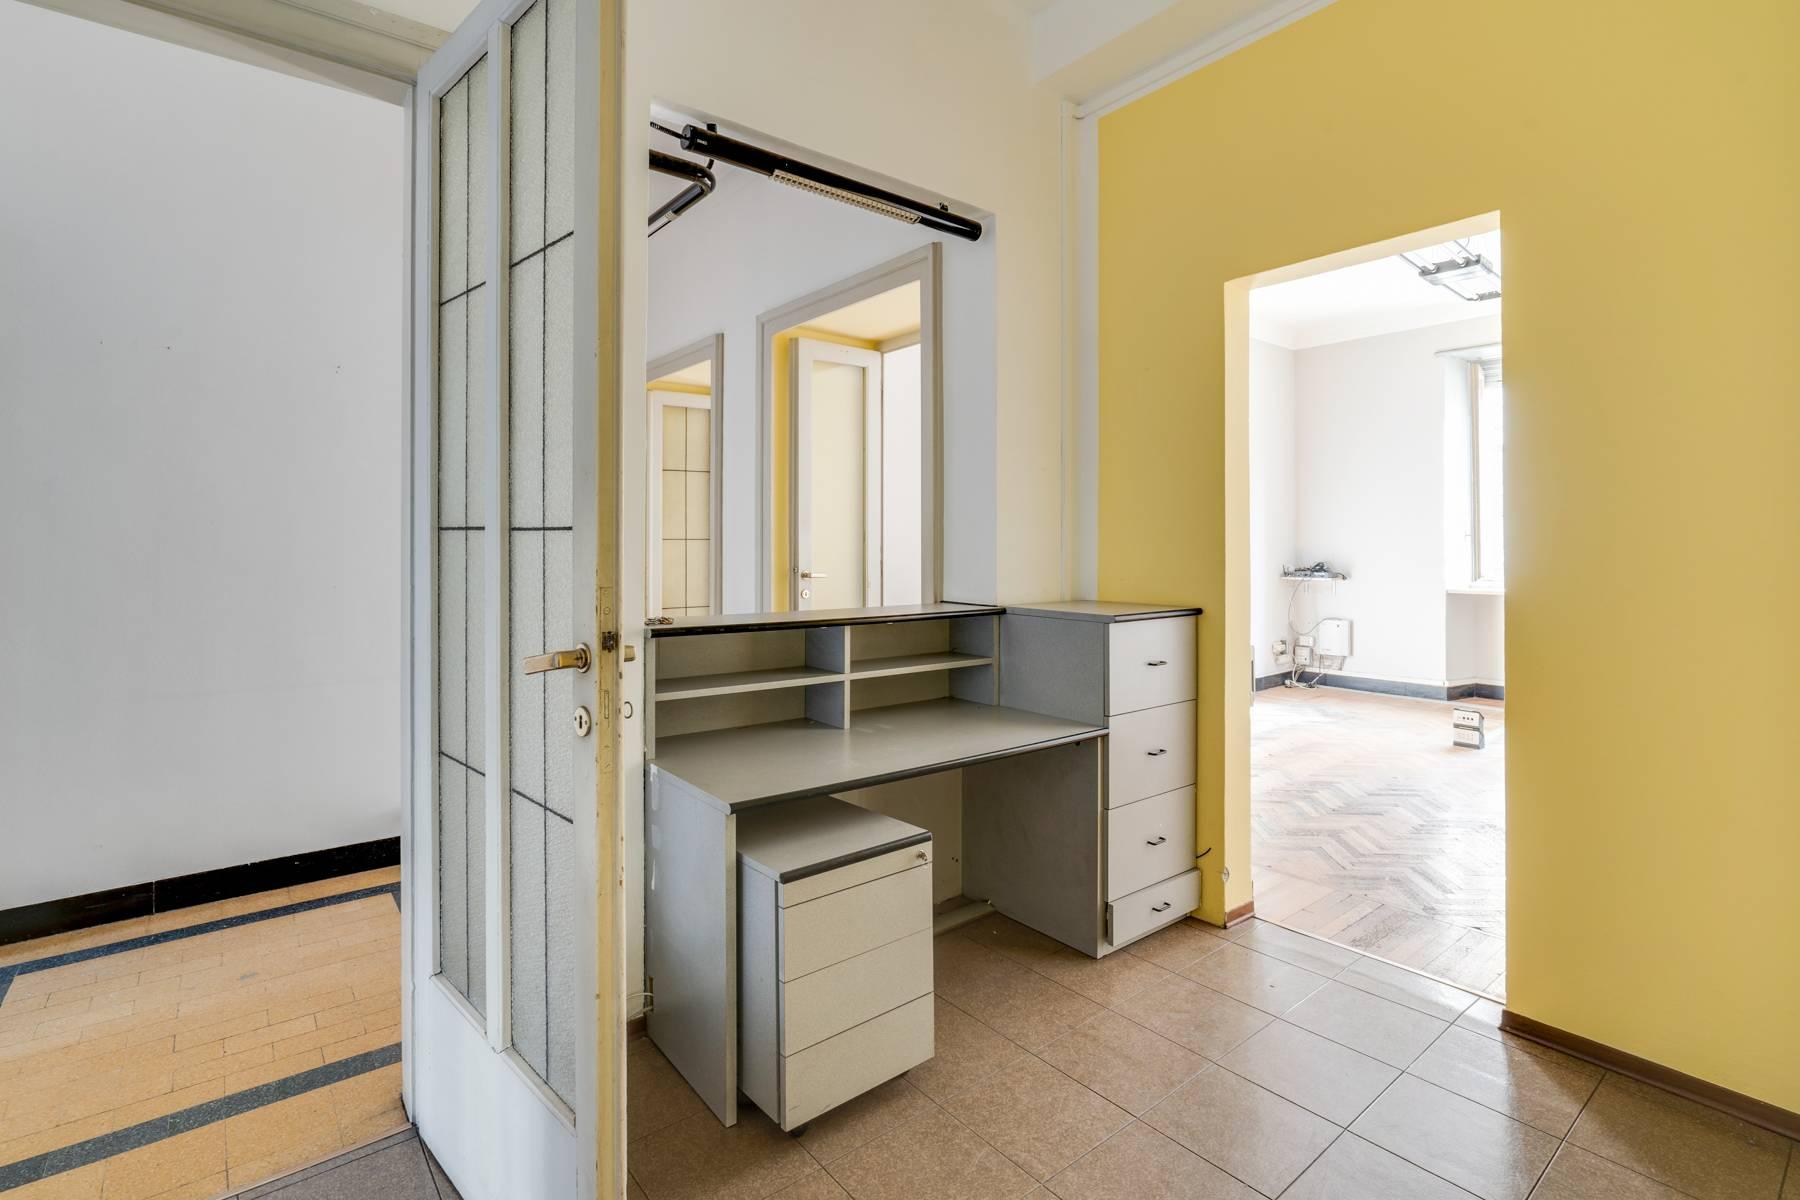 Ufficio-studio in Vendita a Torino: 3 locali, 140 mq - Foto 13